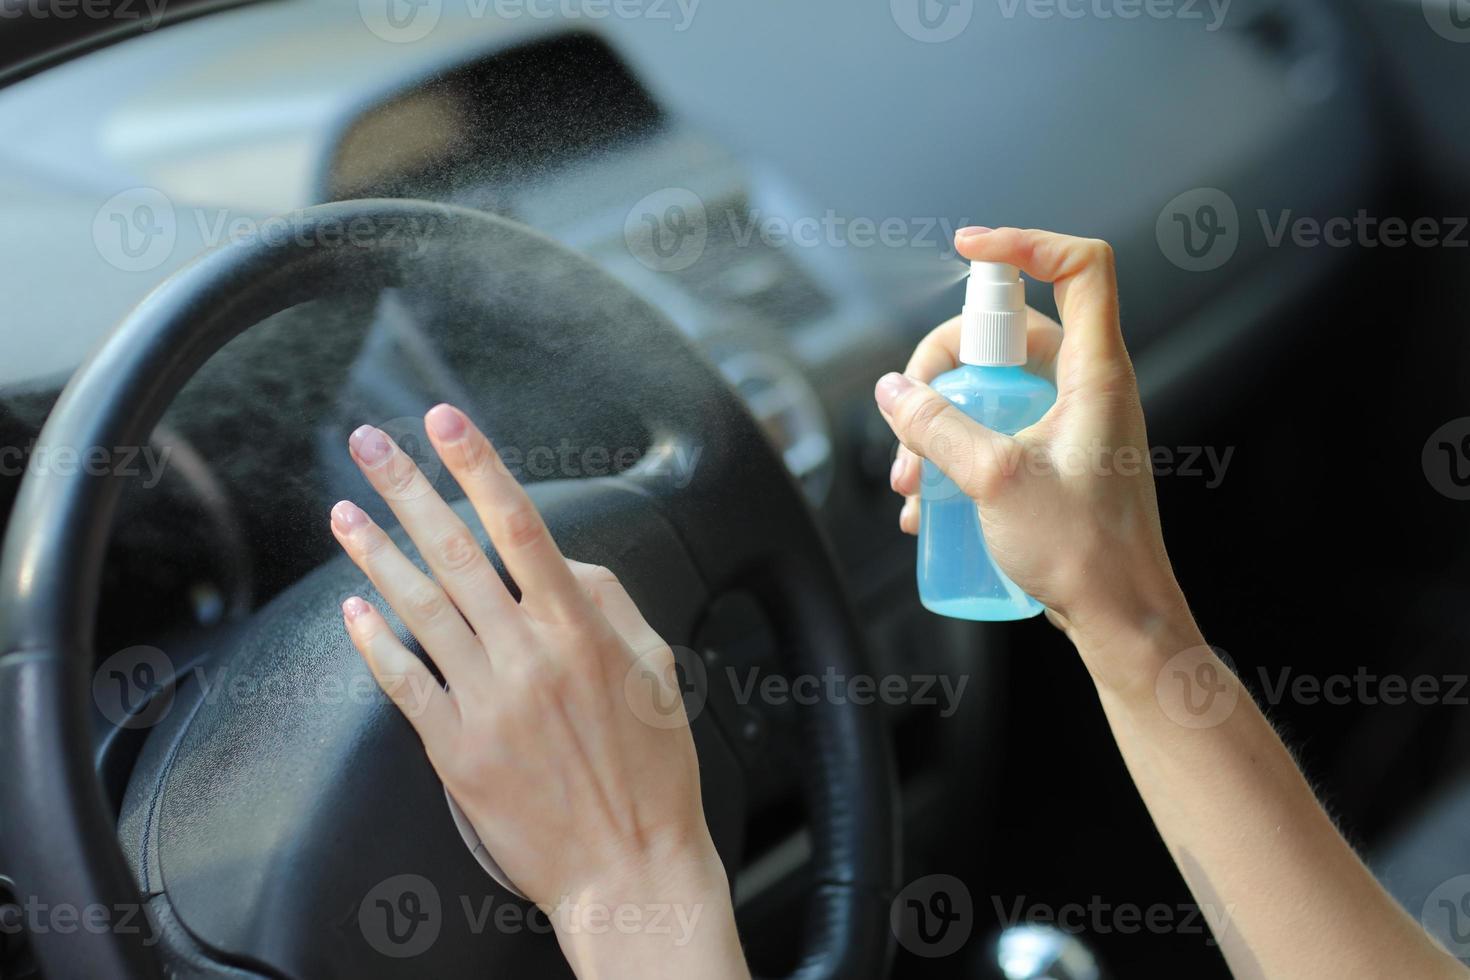 la mano della donna sta spruzzando alcol, spray disinfettante in auto, sicurezza, prevenzione dell'infezione da virus covid 19, coronavirus, contaminazione di germi o batteri. disinfettante per alcol, concetto di igiene. foto